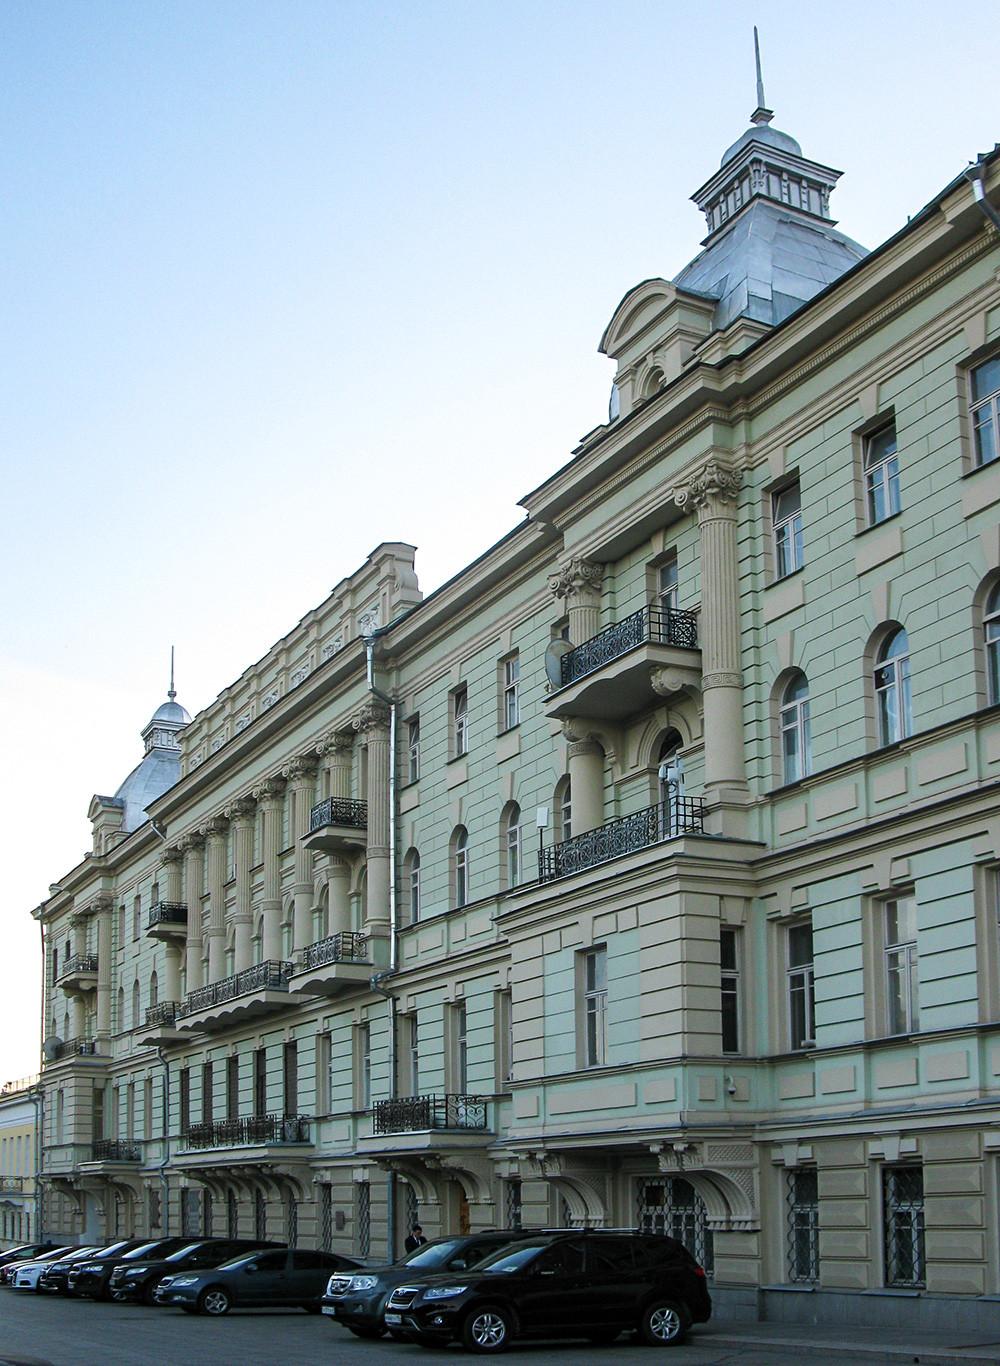 アンナ・ウリヤノワのマネジナヤ通り9番地の記念アパート